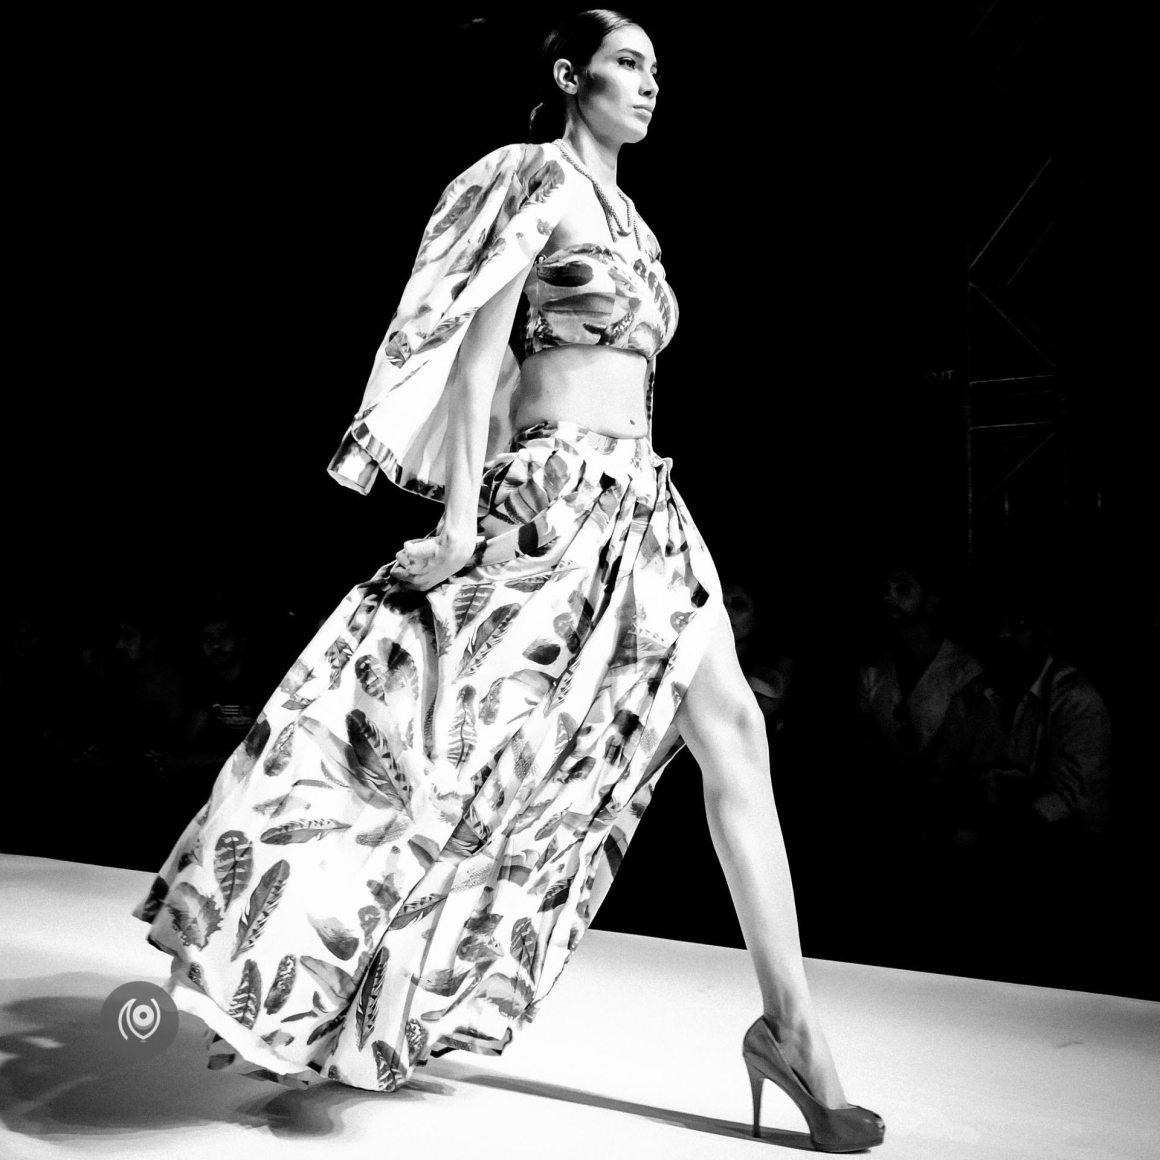 Kommal Sood, Amazon India Fashion Week Spring Summer 2016 #AIFWSS16 #EyesForFashion Naina.co Luxury & Lifestyle, Photographer Storyteller, Blogger